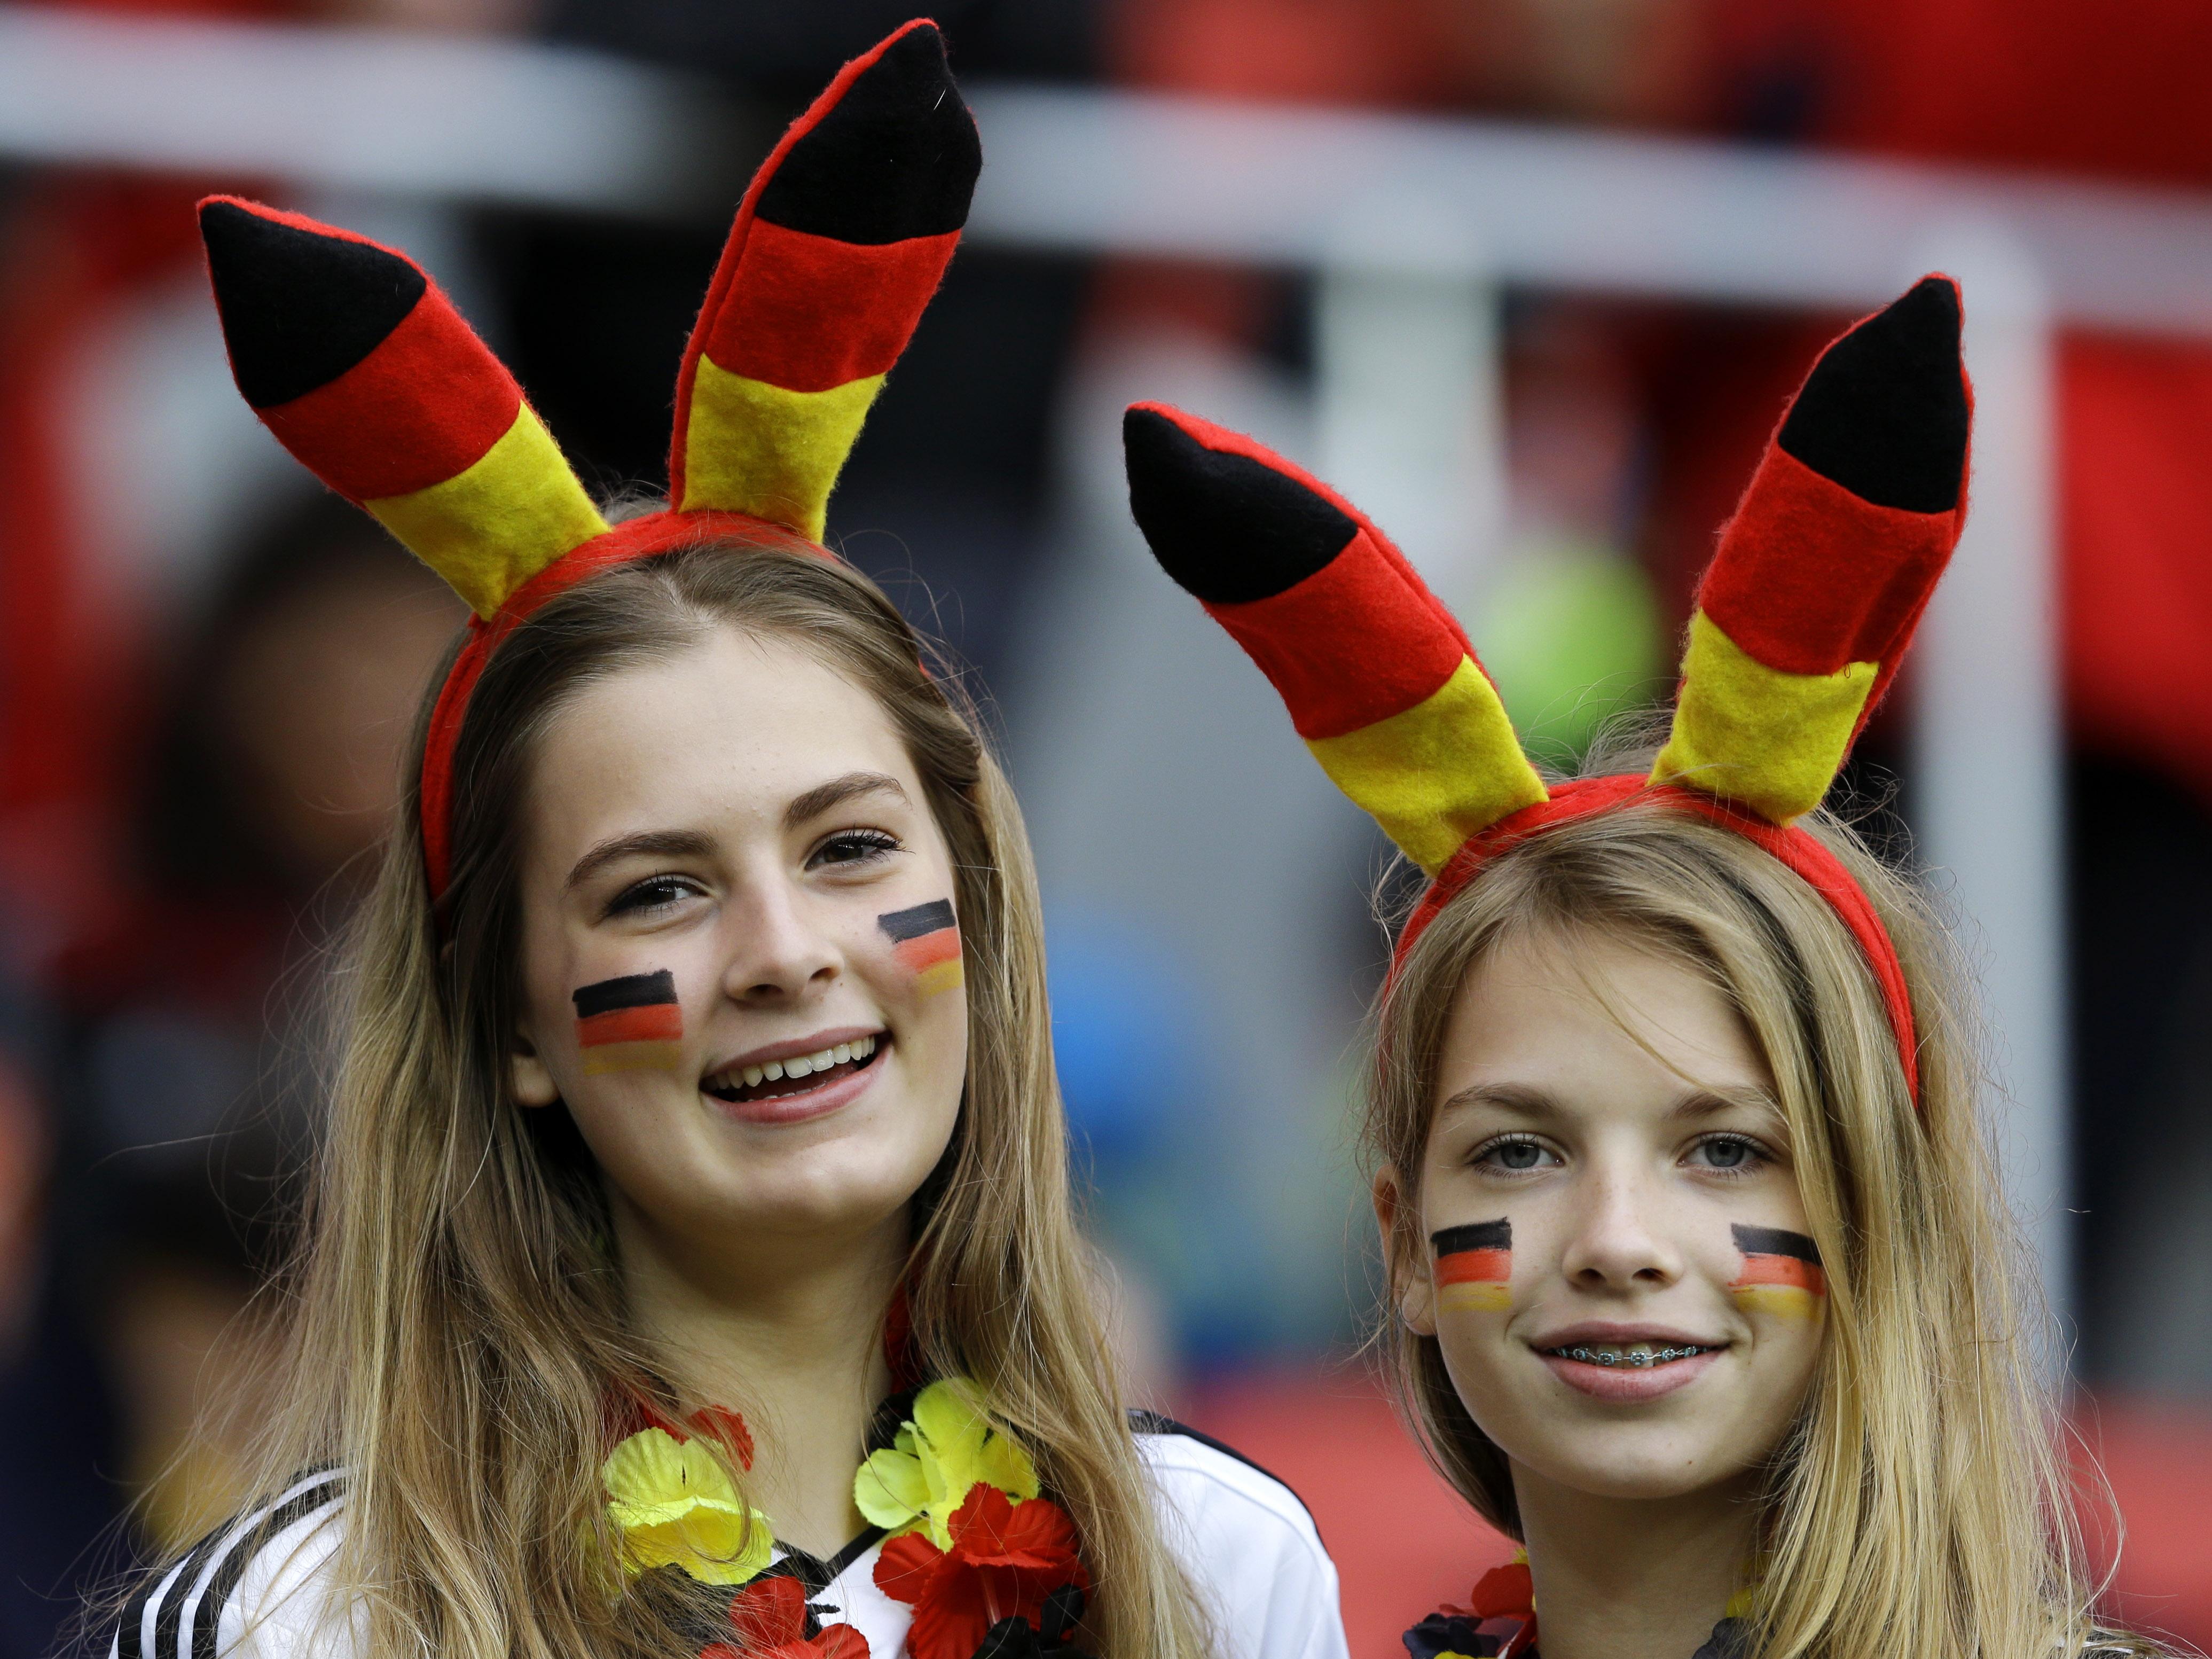 Bellas hinchas alemanas - 4142x3106